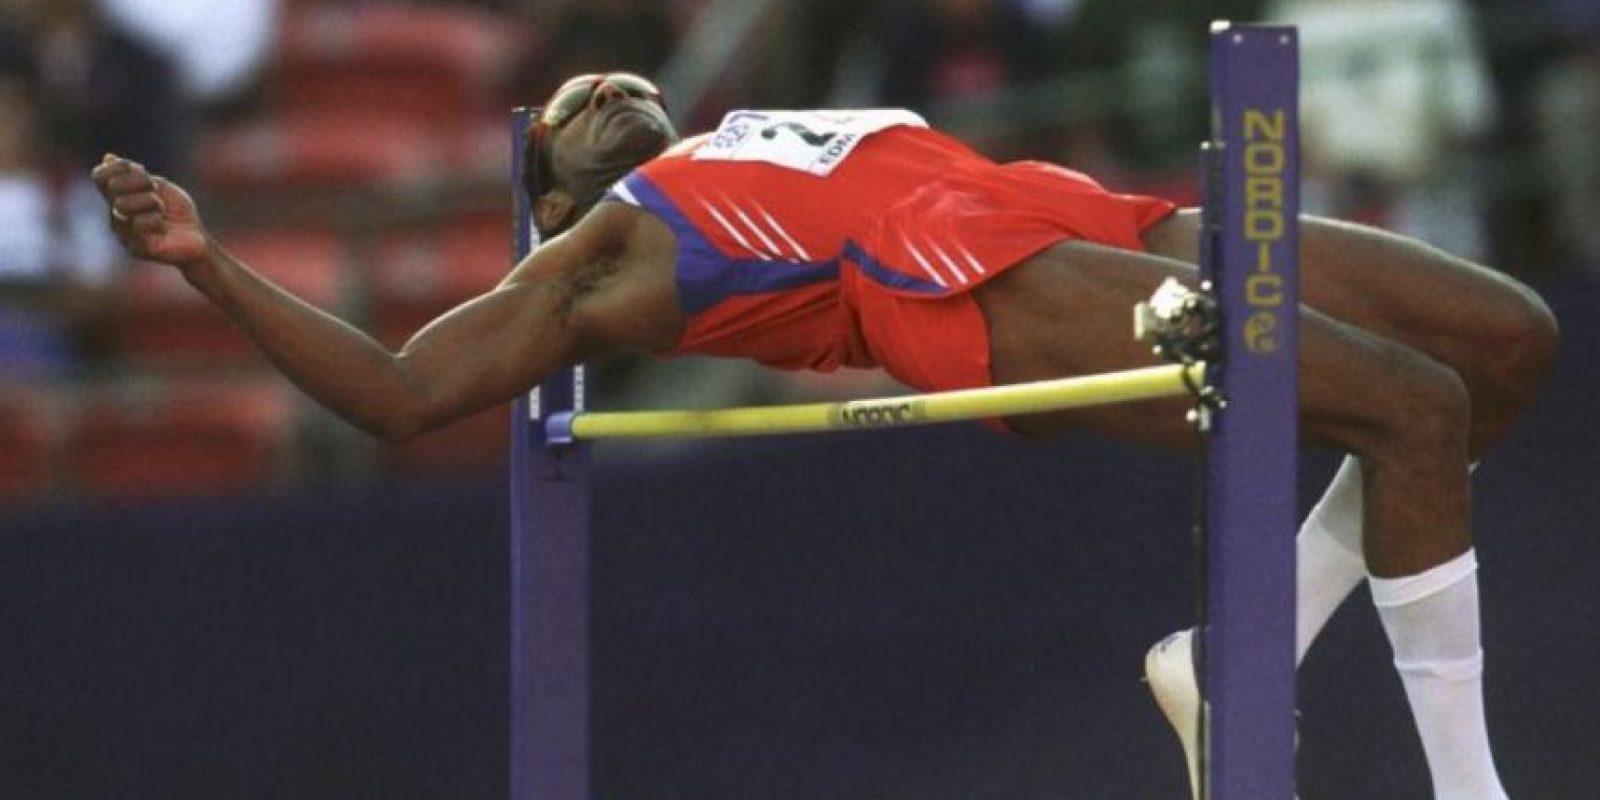 Javier Sotomayor: El considerado mejor saltador de altura de la historia dio positivo de cocaína en 1999, en los Juegos Panamericanos de Winnipeg, Canadá. Foto:Getty Images